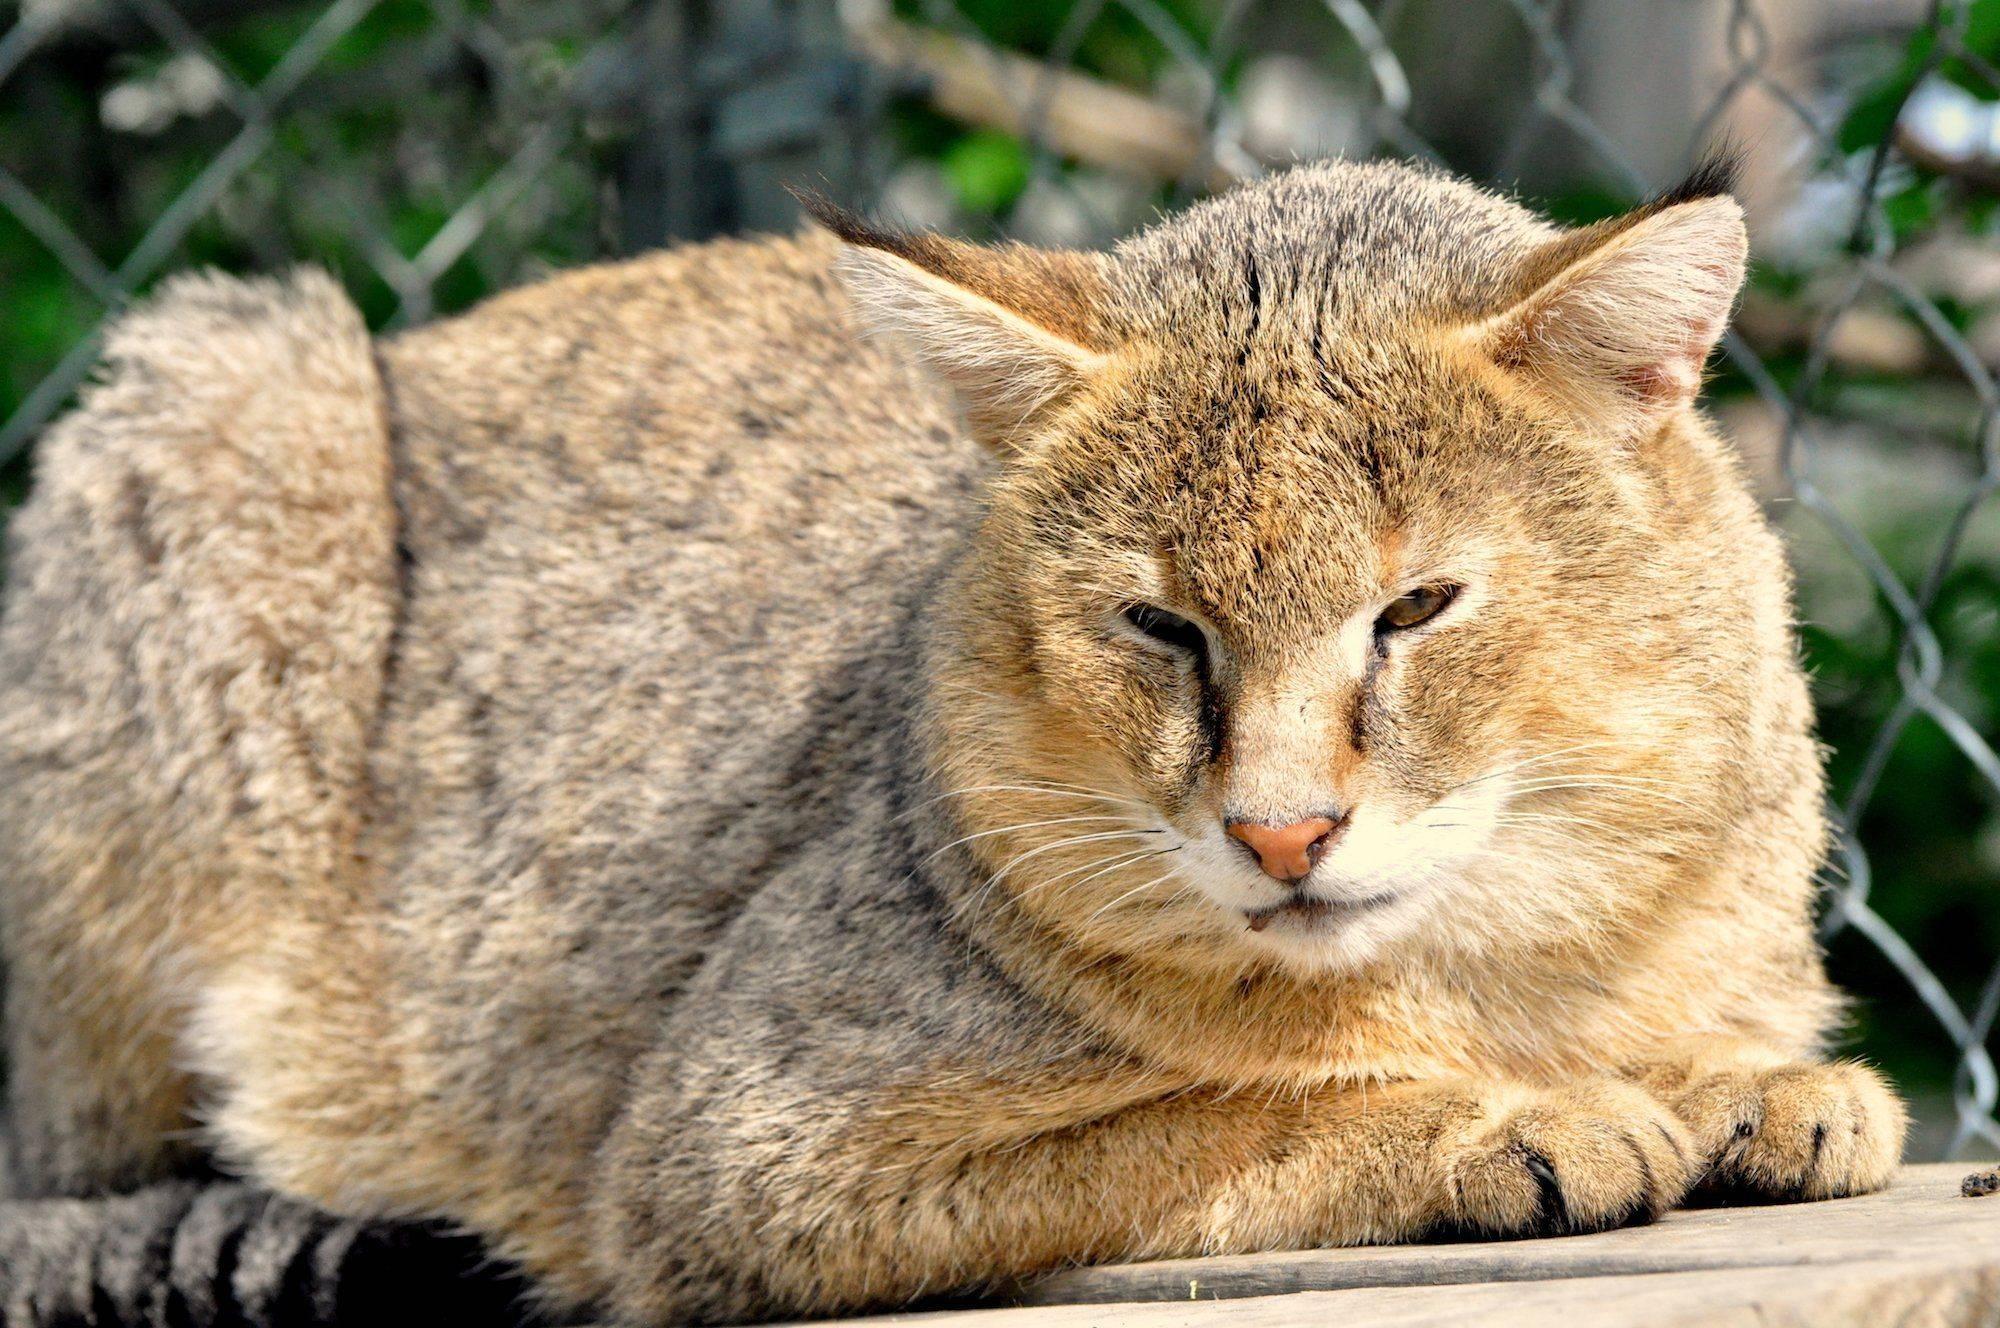 Камышовый кот: внешний вид, поведение, питание и содержание